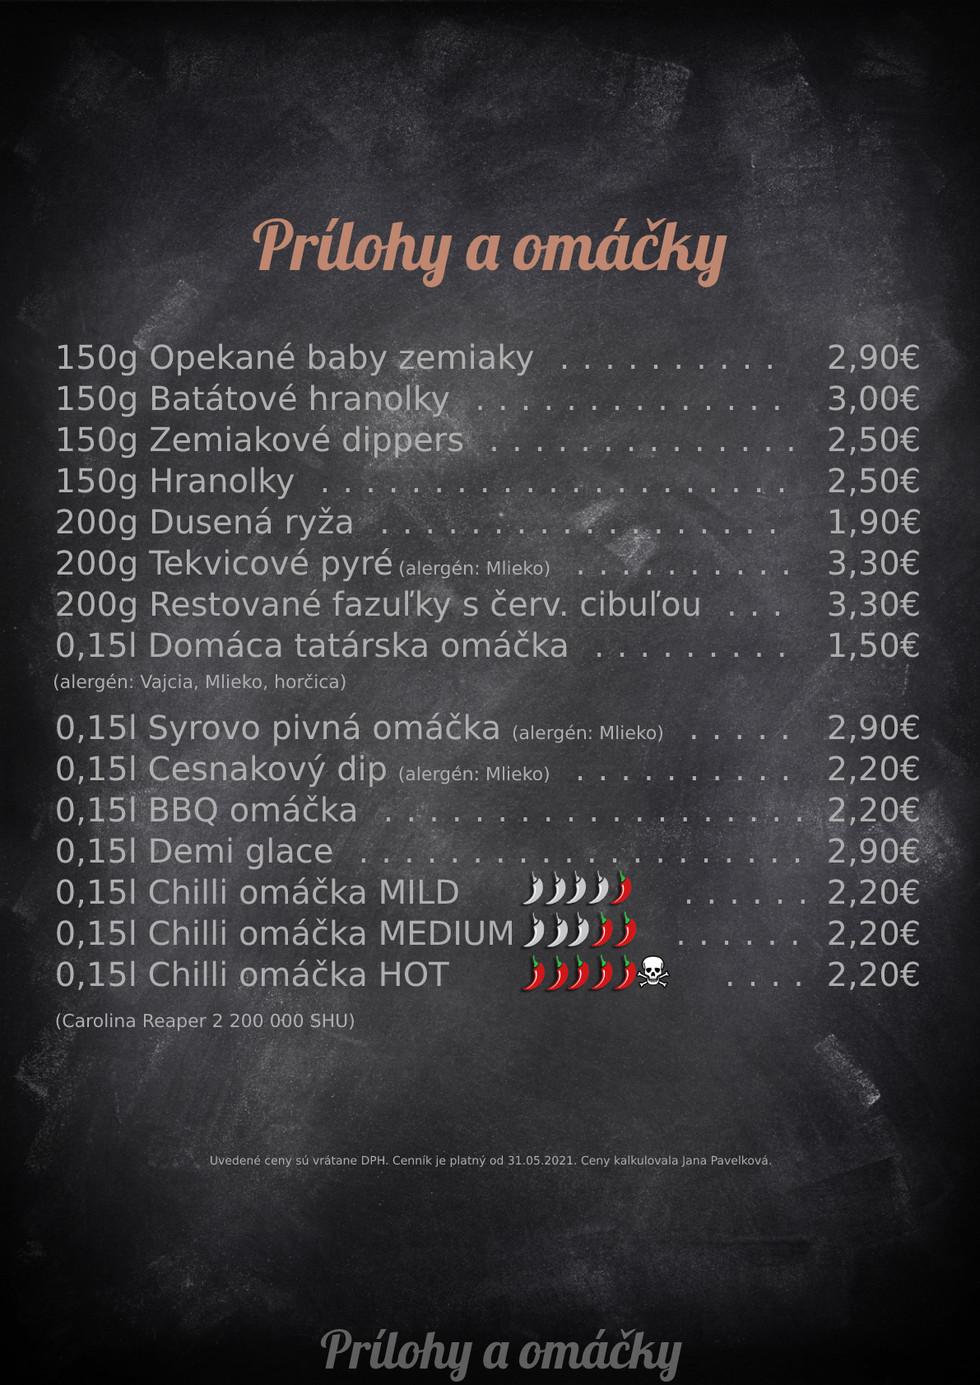 12_Omáčky a prílohy-pdf.jpg